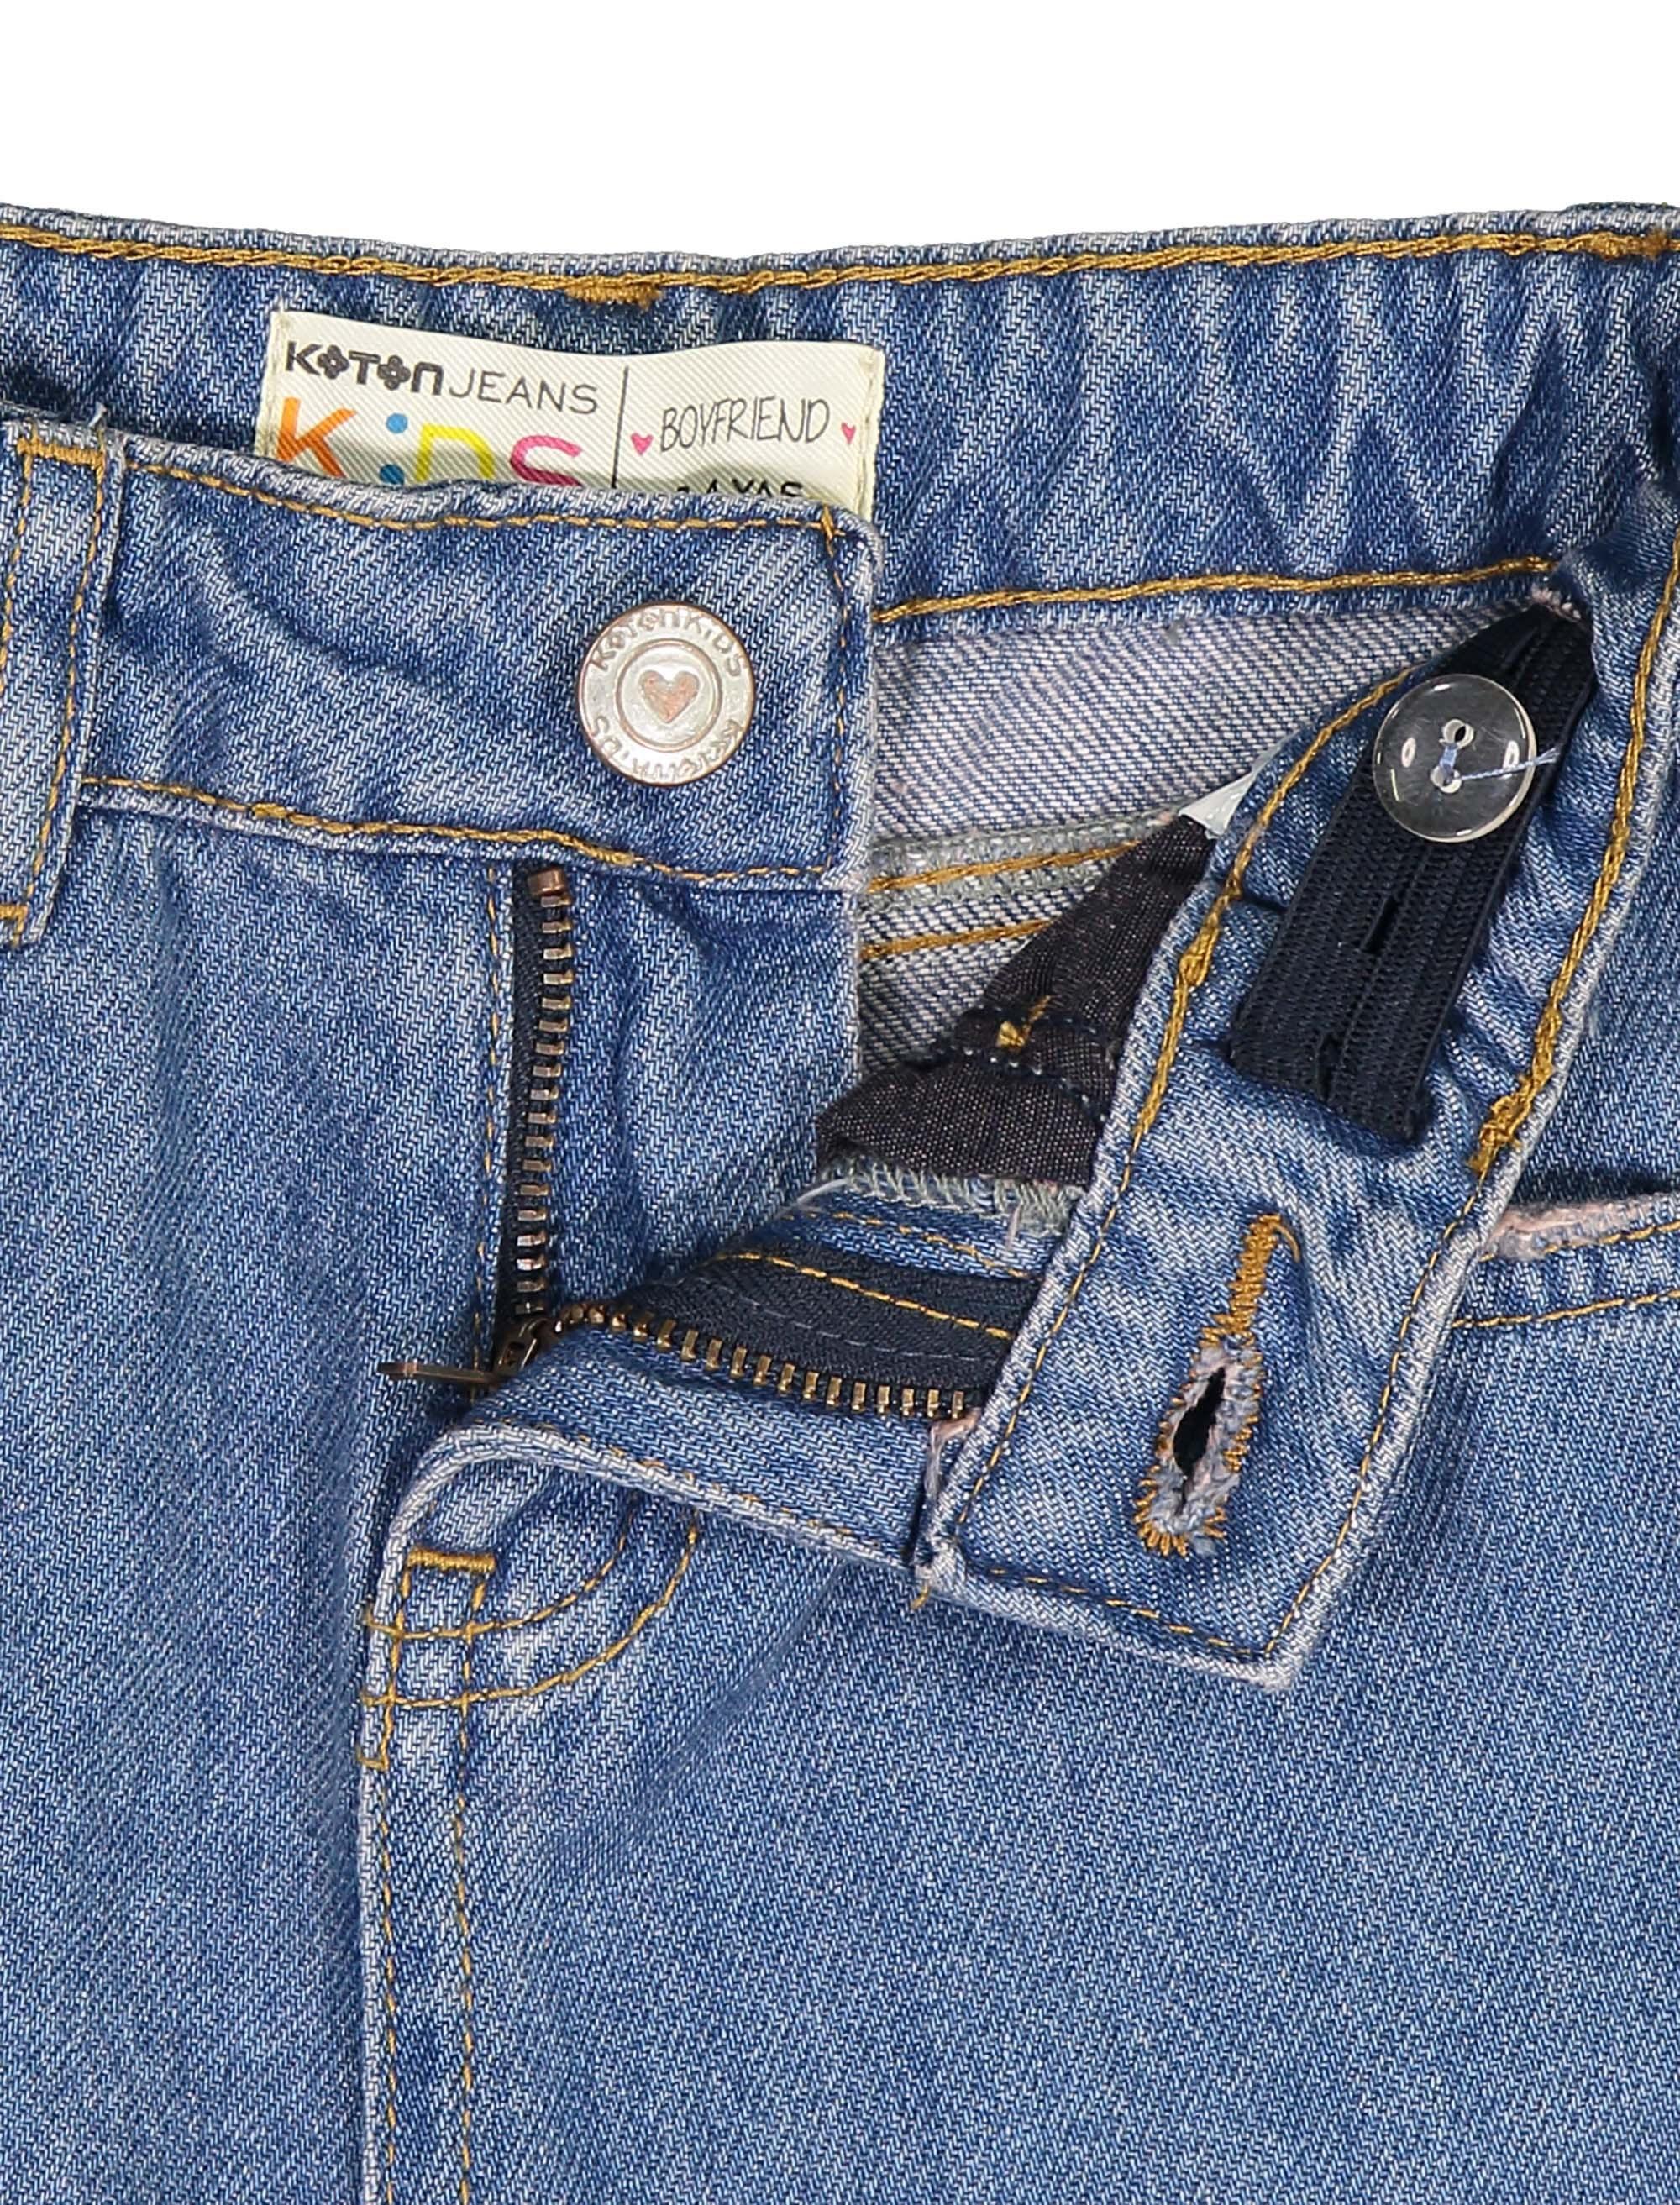 شلوار جین راسته دخترانه - کوتون - آبي - 3